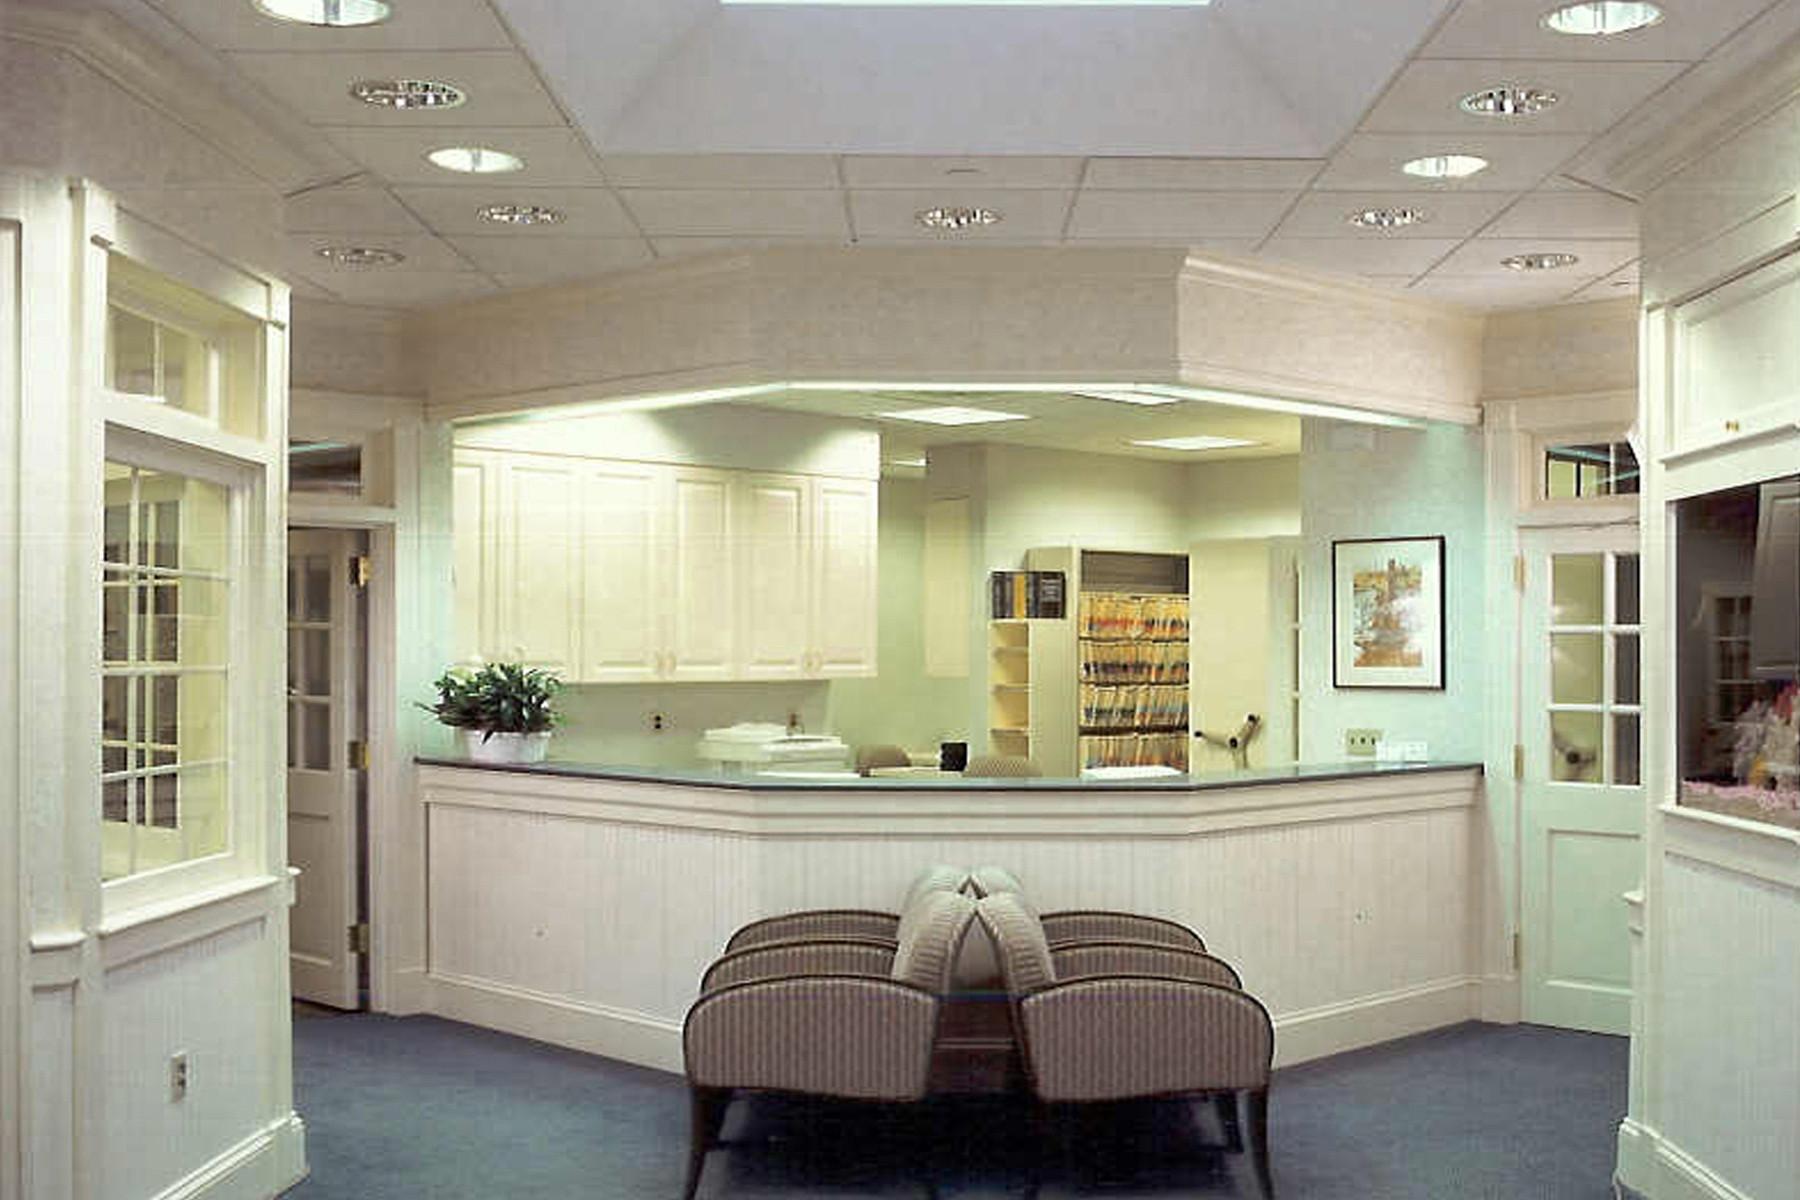 interiordesign8-6-18   Medical Office Design